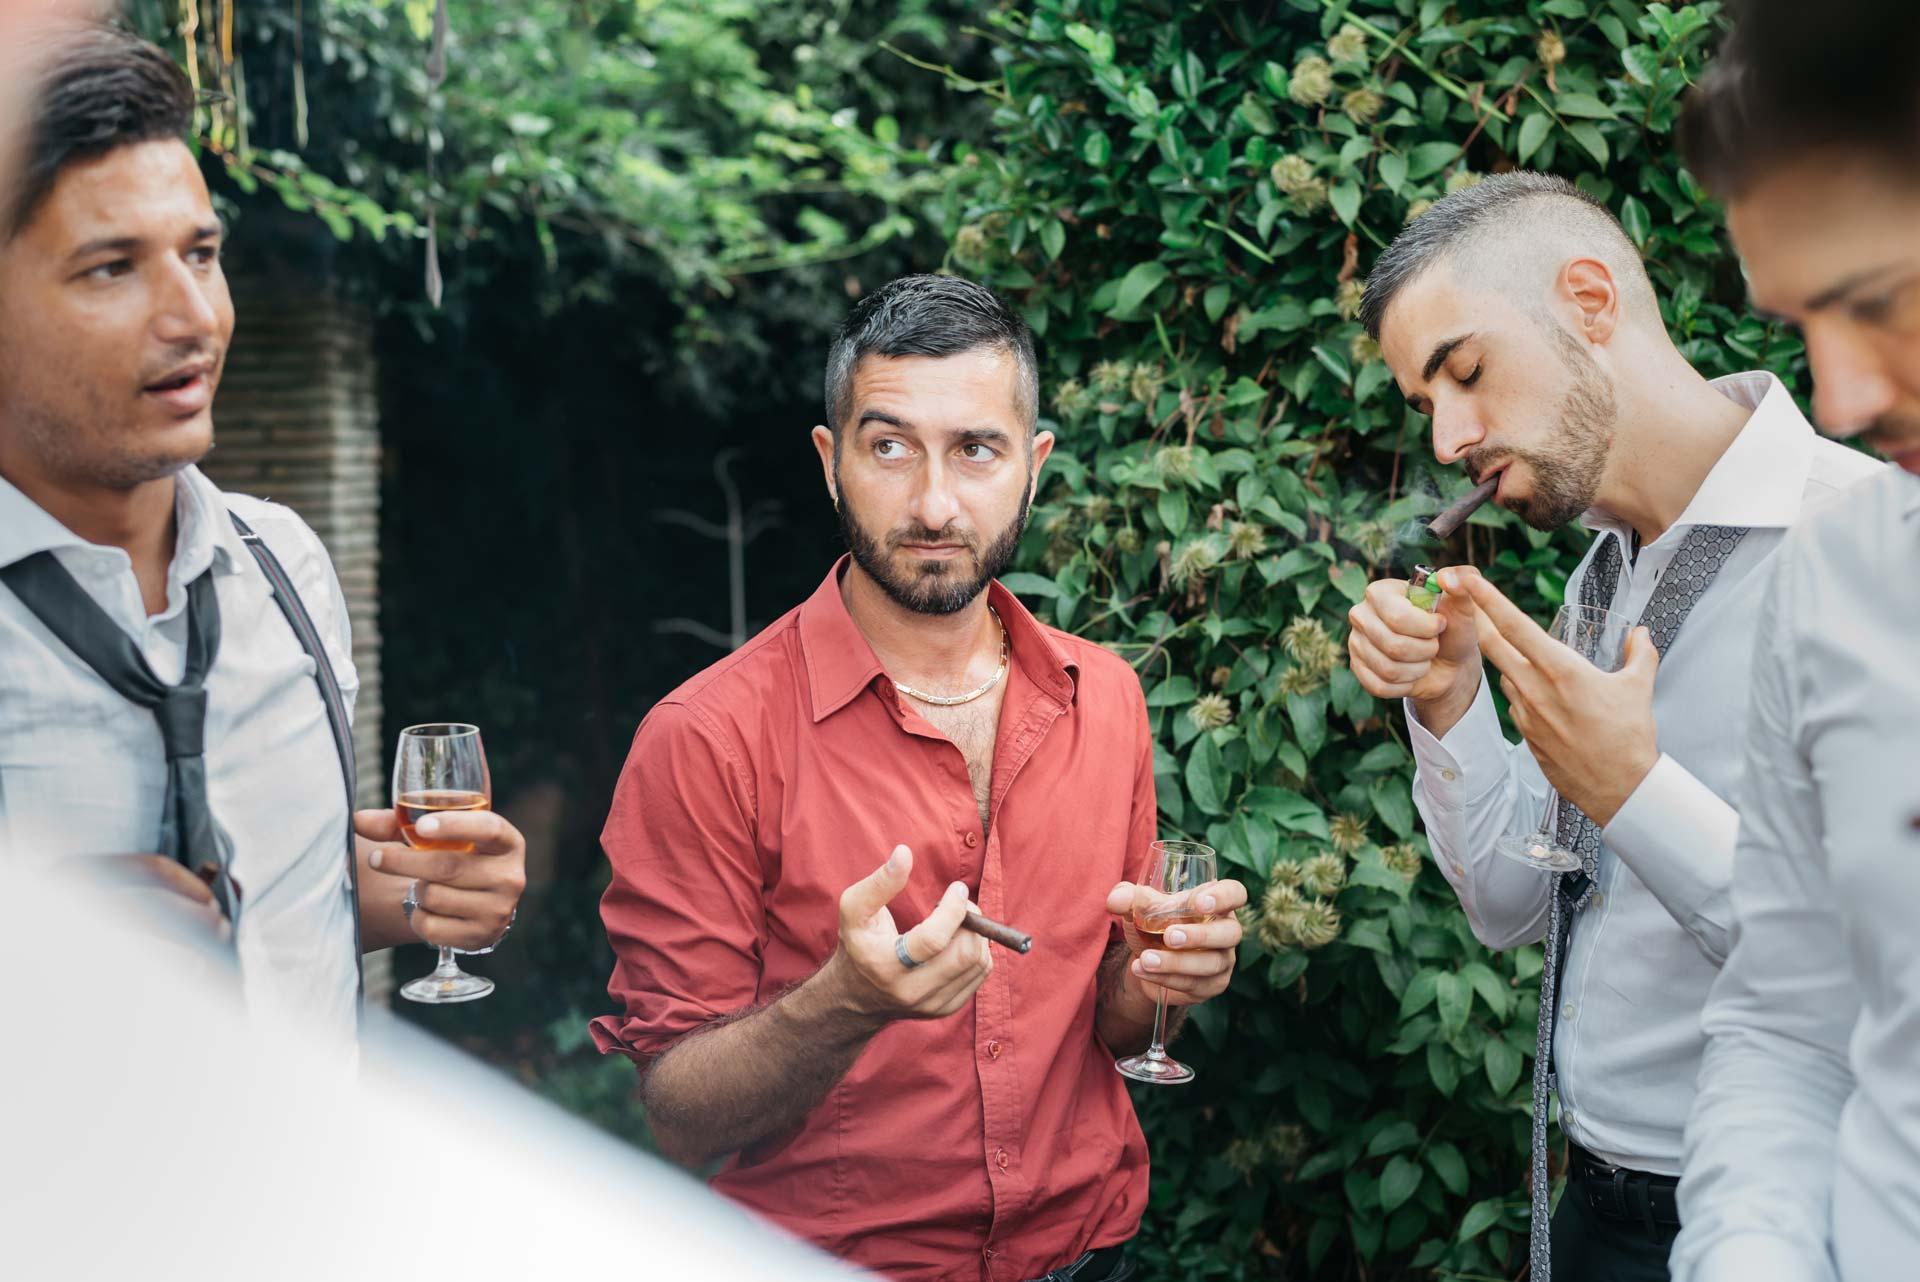 fotoreportage-di-matrimonio-roma-f&a-4